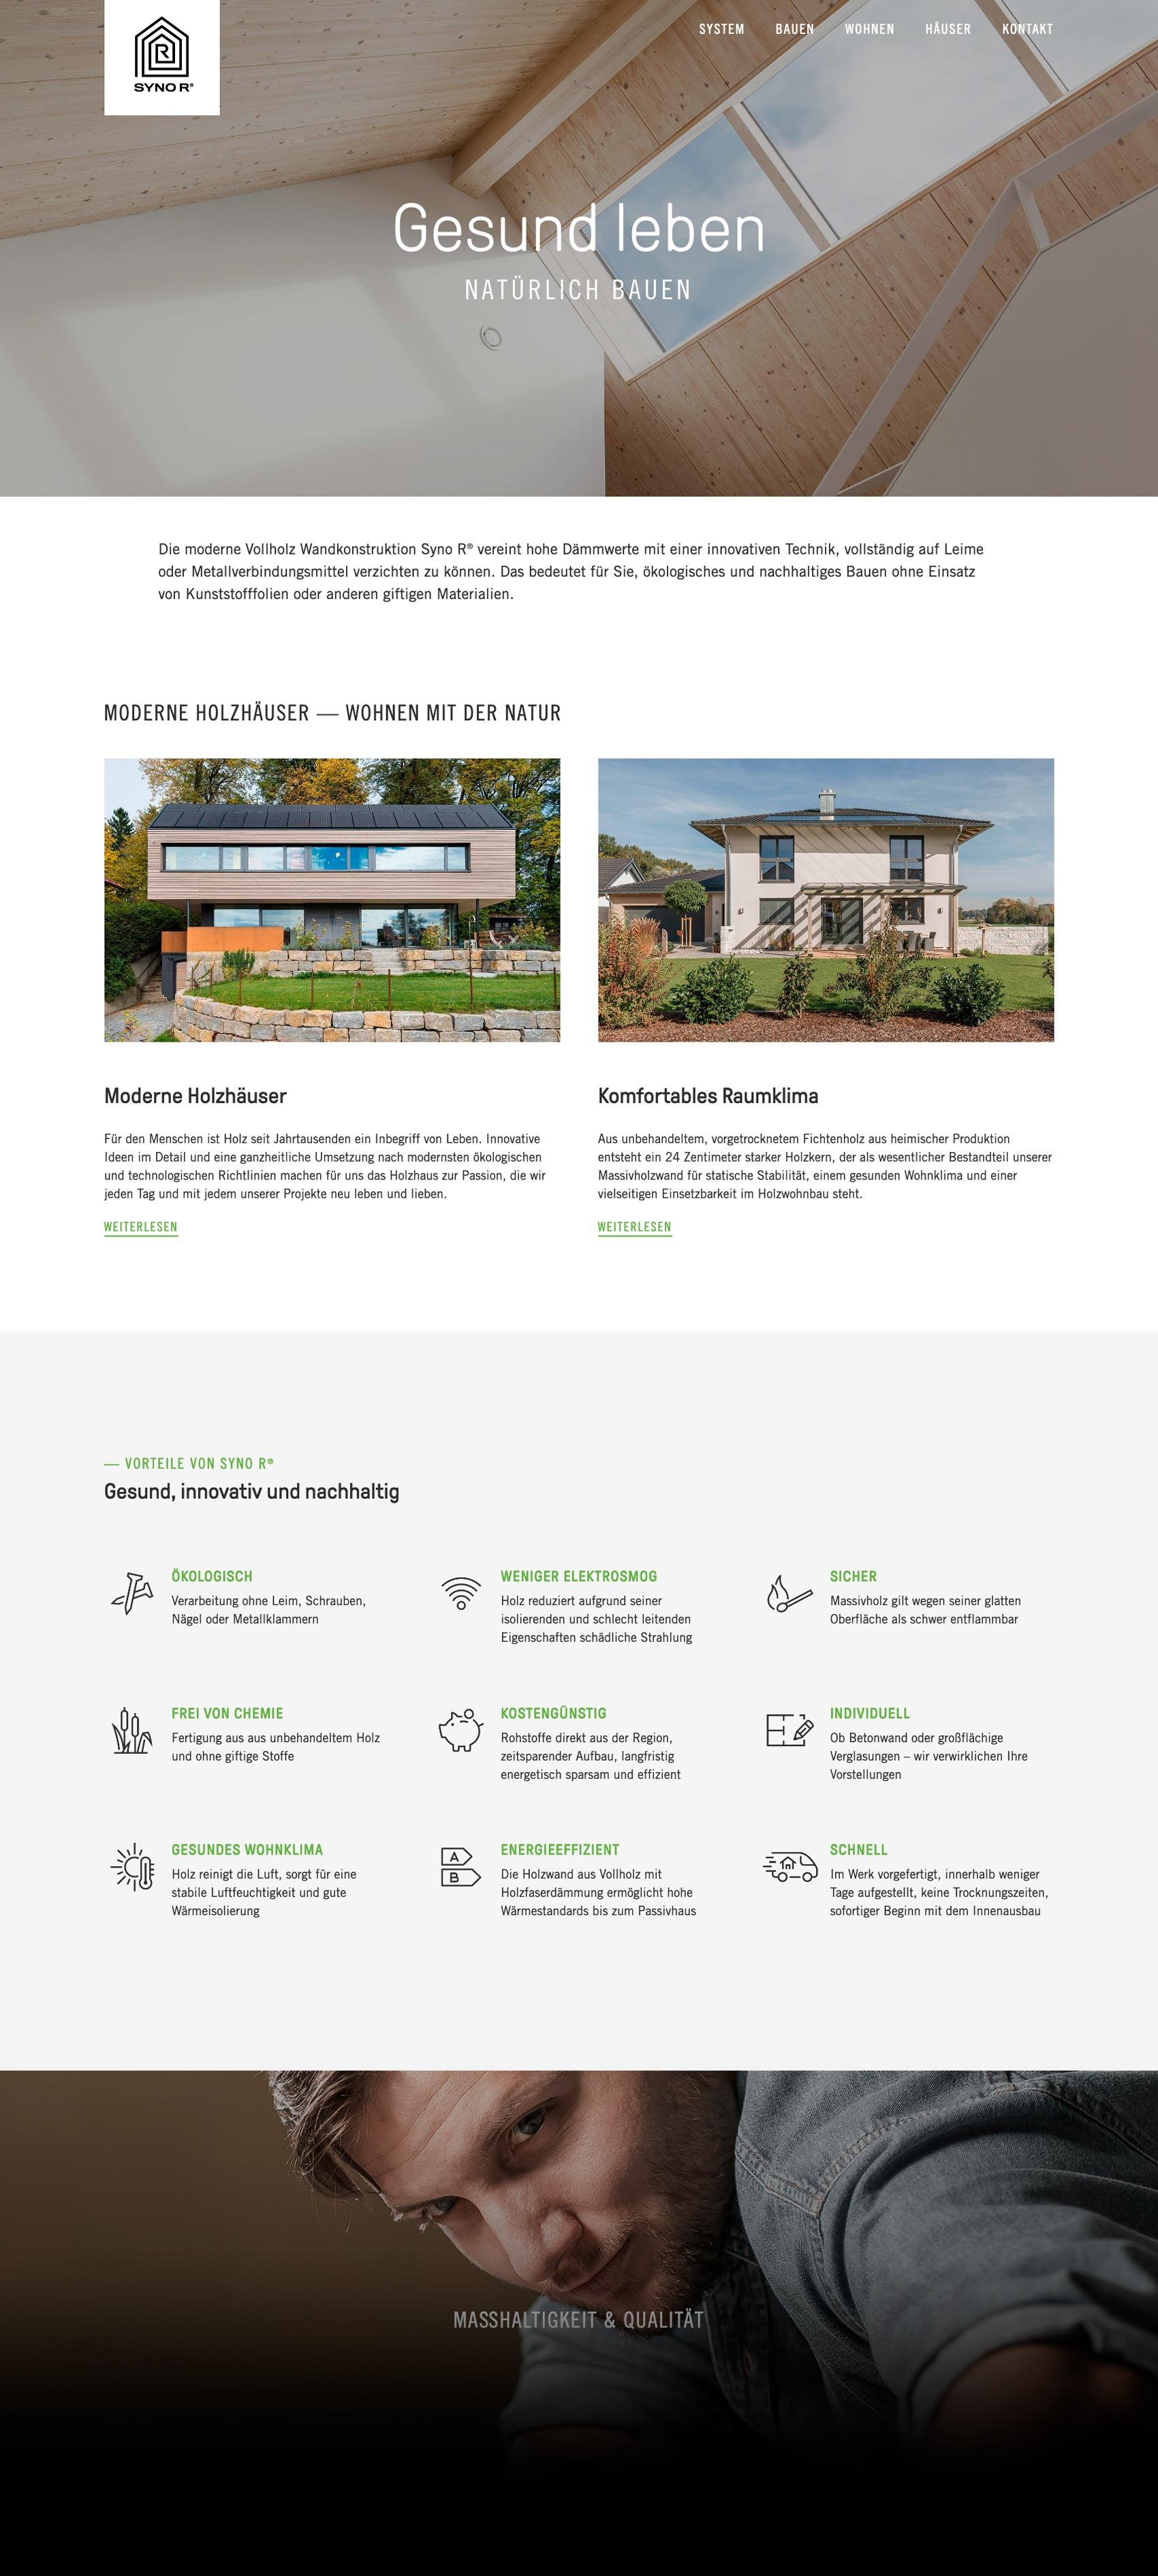 Webagentur für Vollholzhaus-Hersteller Syno R GmbH im Allgäu